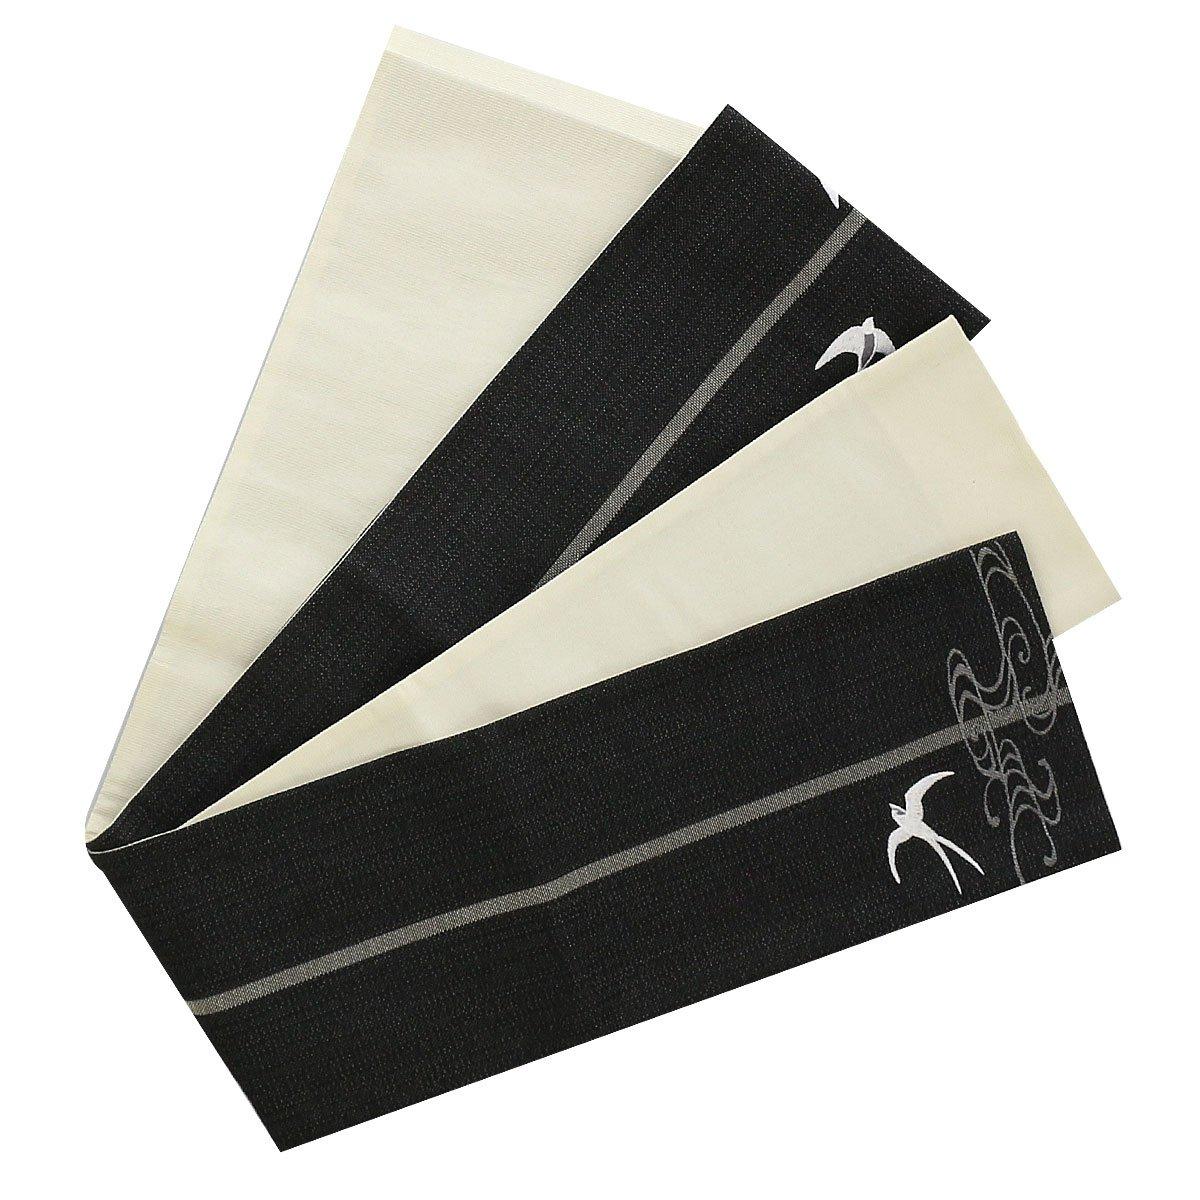 (キステ) Kisste 半幅帯 浴衣普段用 ポリエステル100% 細帯 リバーシブル 小袋帯 <全4色/つばめ> 日本製 5-8-03790 B07F6ZJGDT 【No.4】ブラック (03793) 【No.4】ブラック (03793)